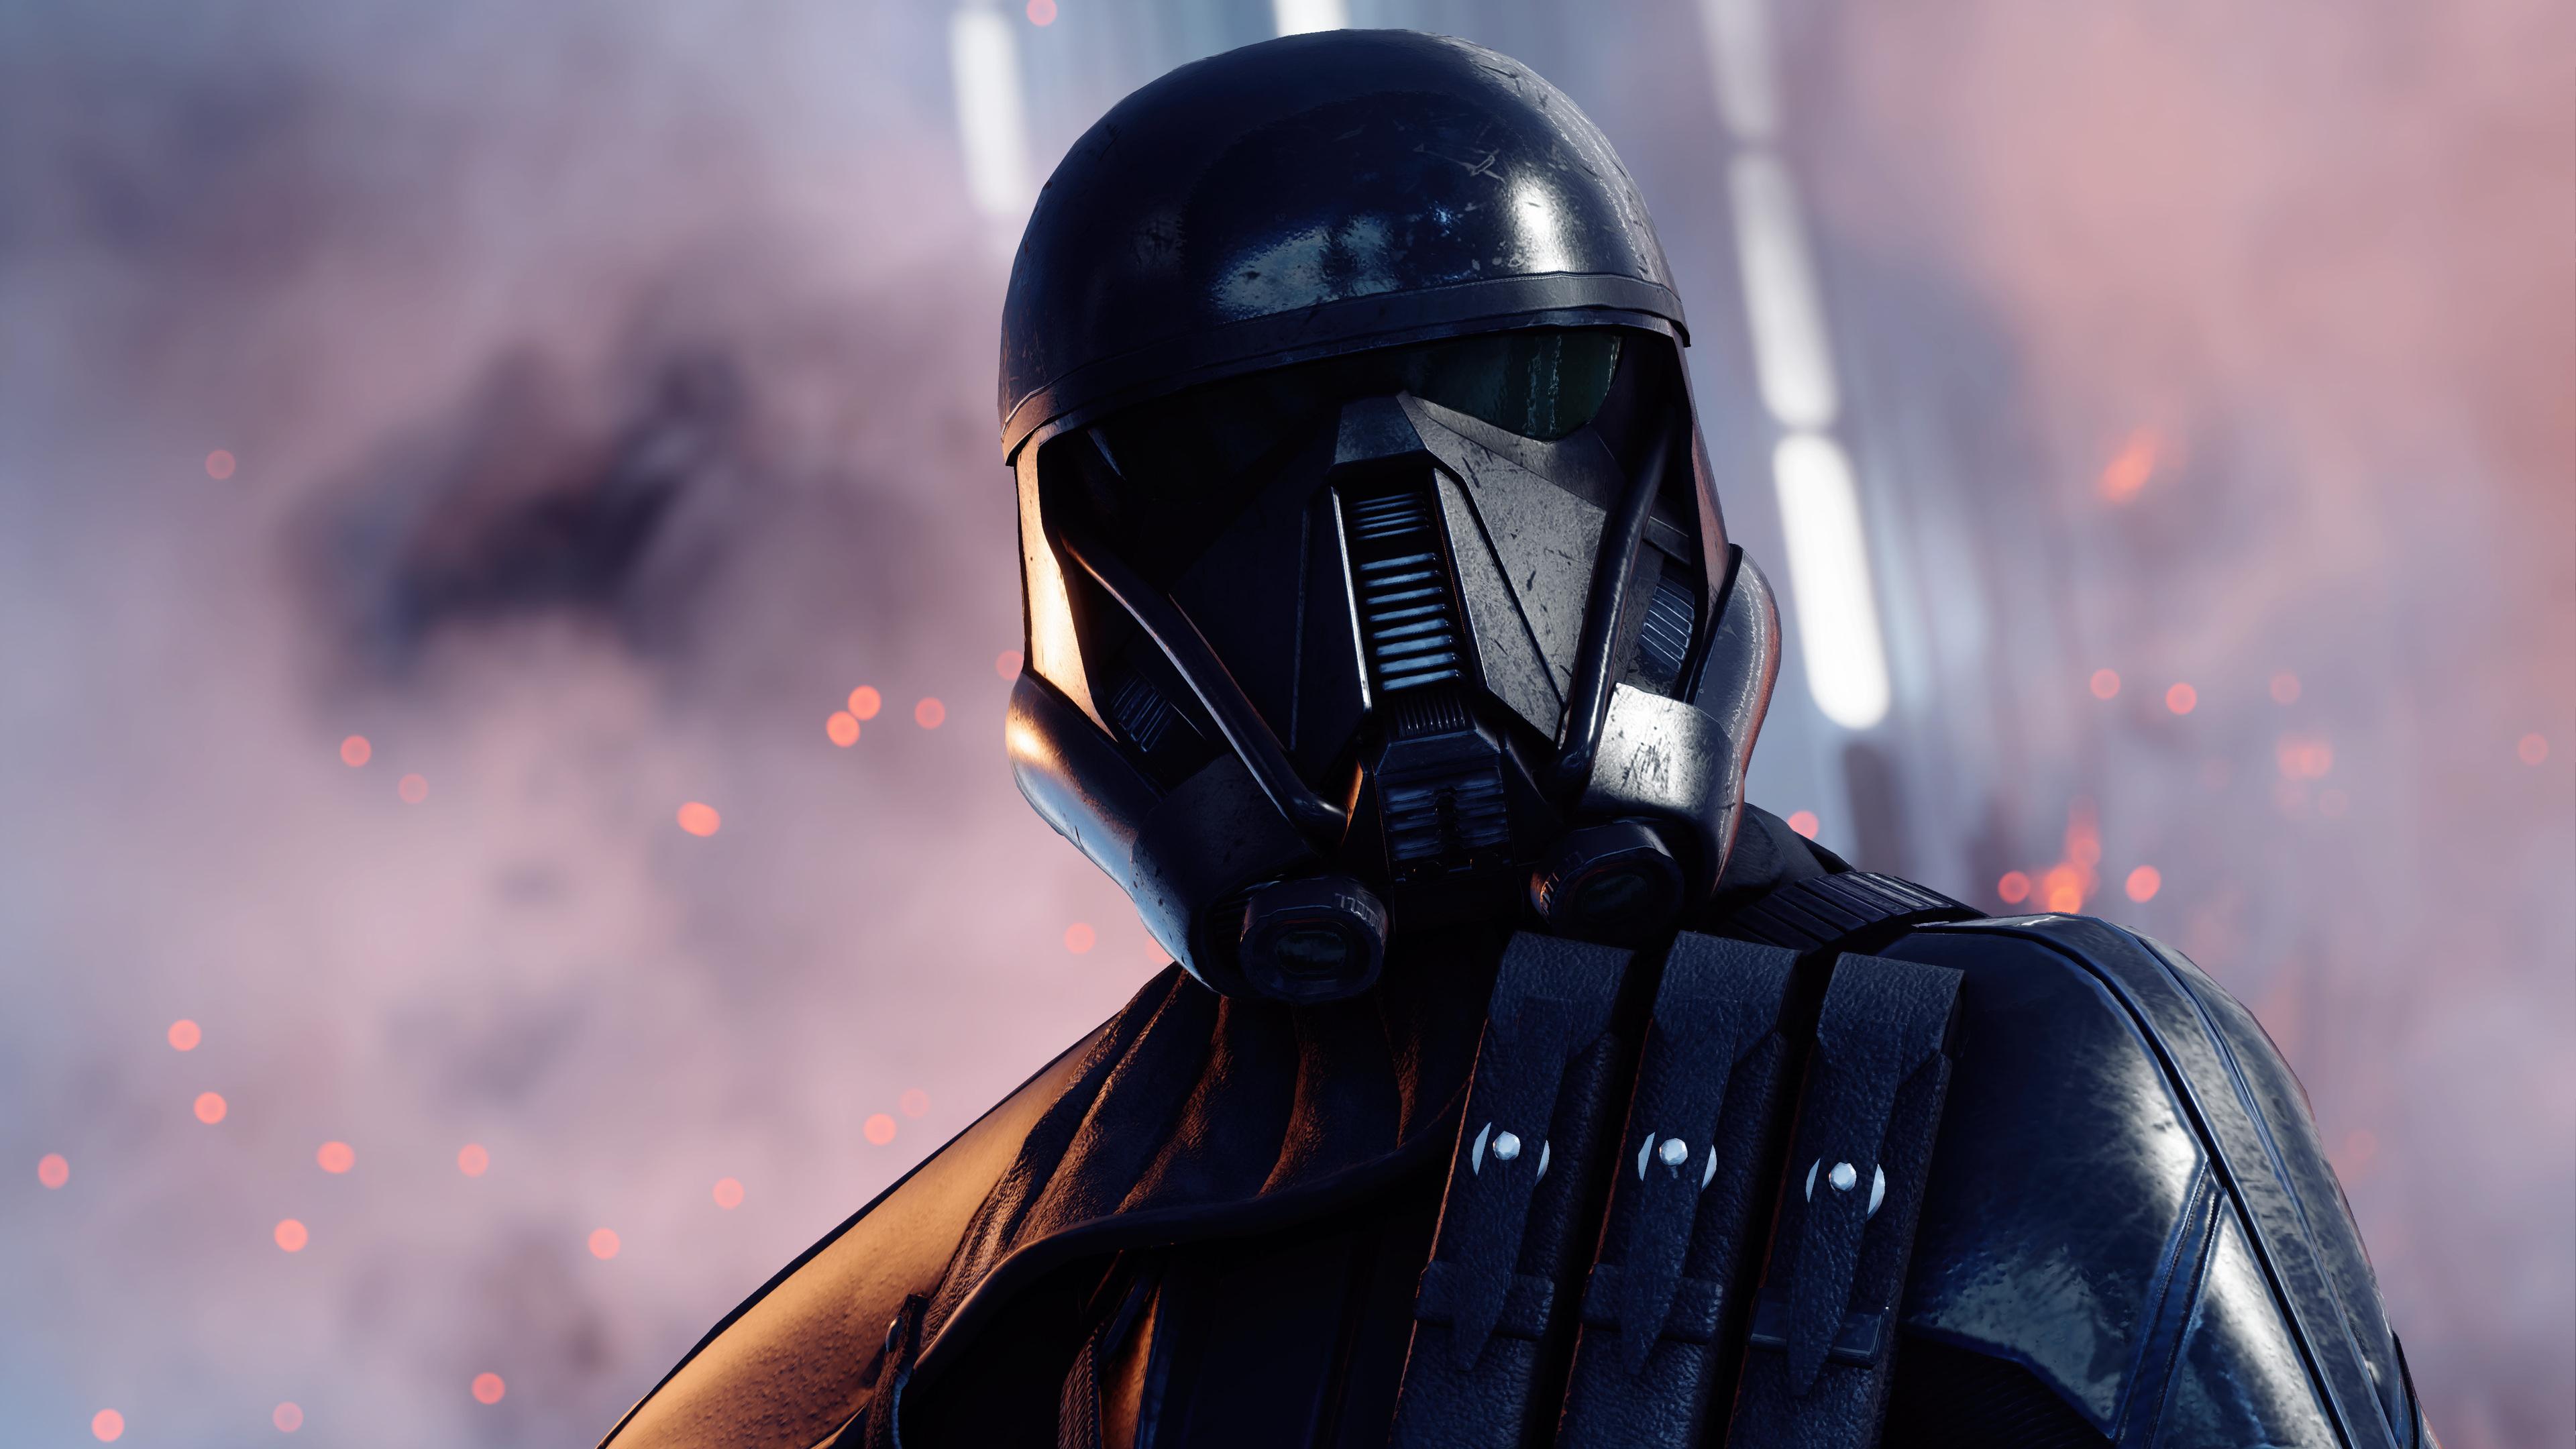 3840x2160 Death Trooper Star Wars Battlefront II 4k HD 4k ...